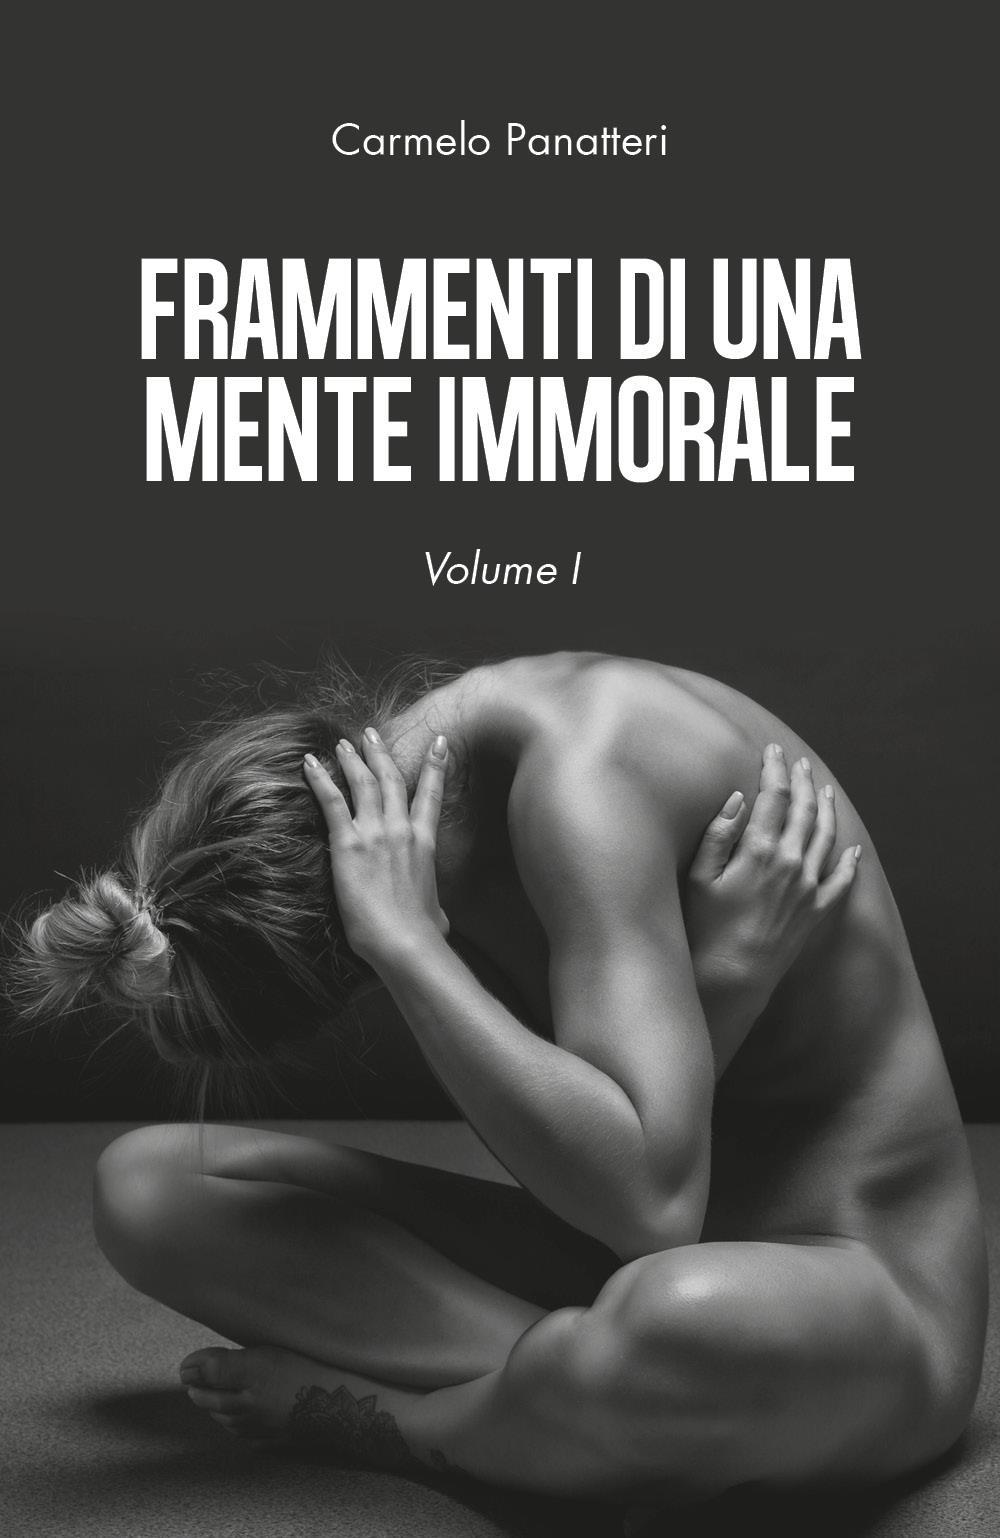 Frammenti di una mente immorale. Volume I